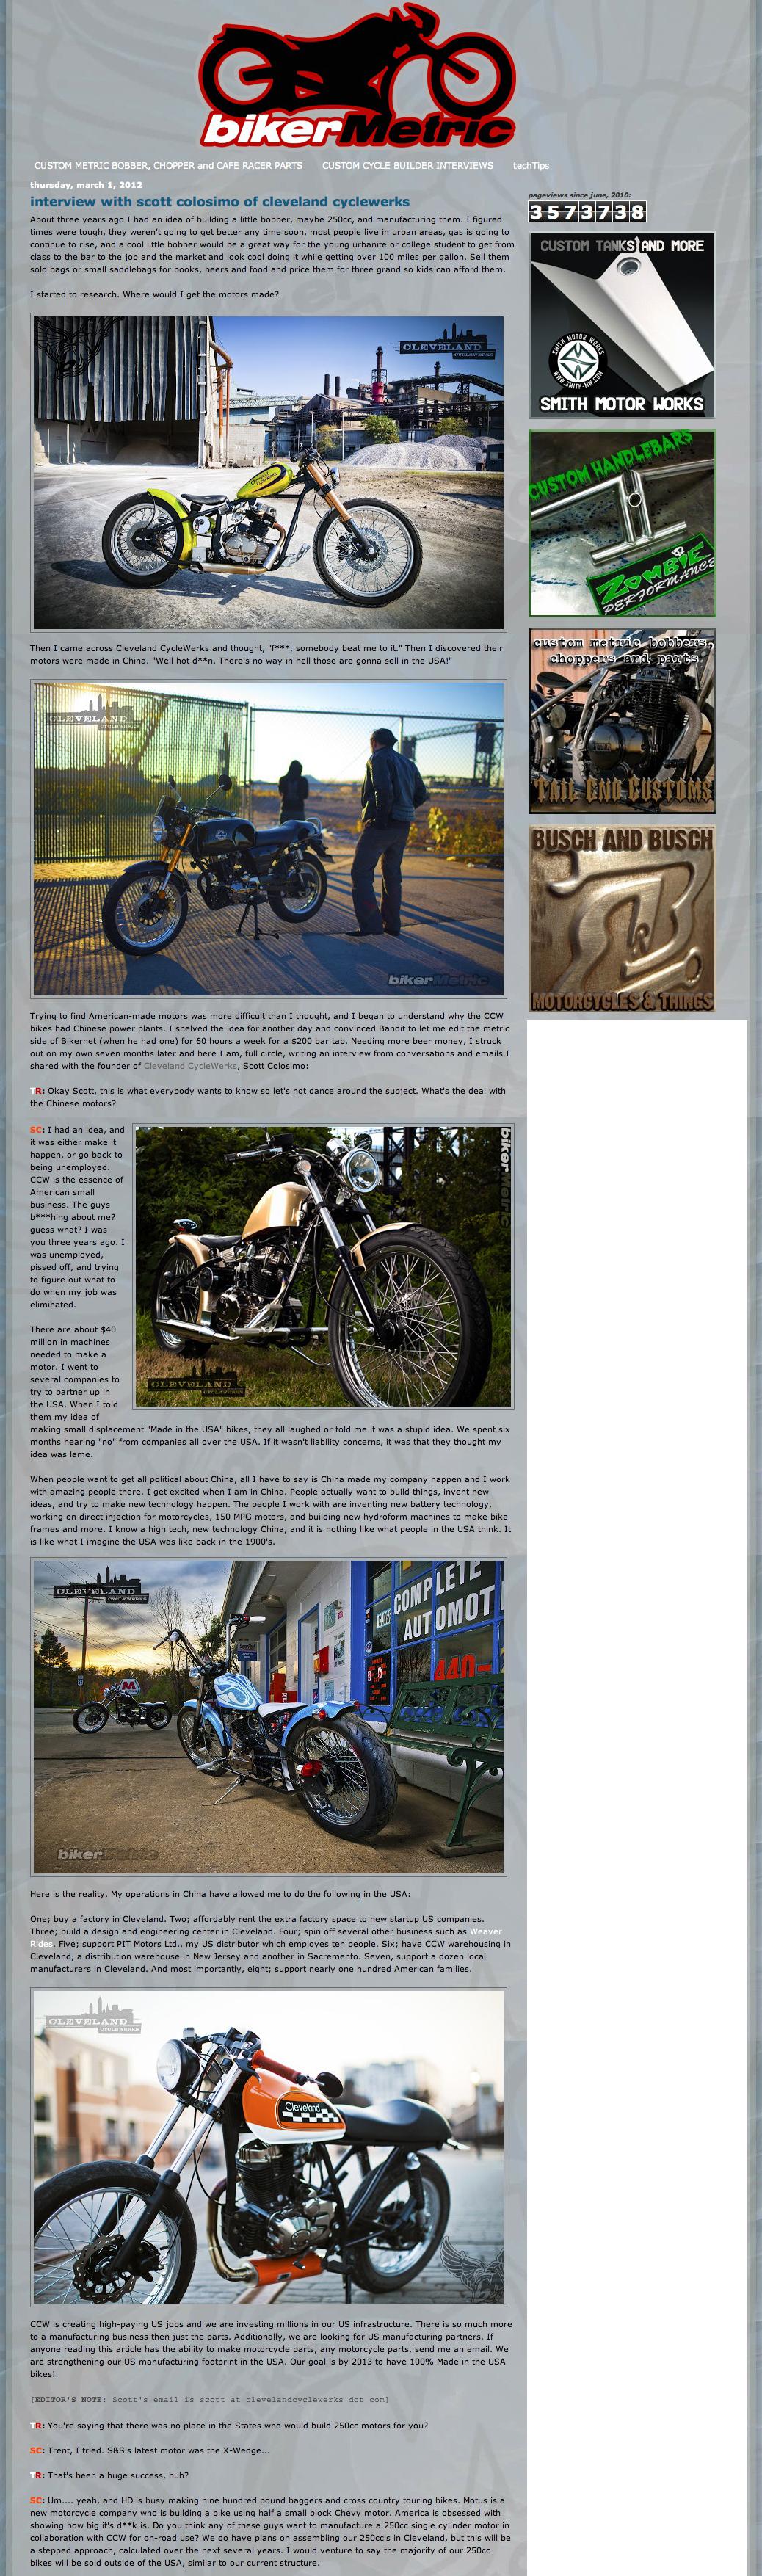 Biker-Metric-2012-01.jpg